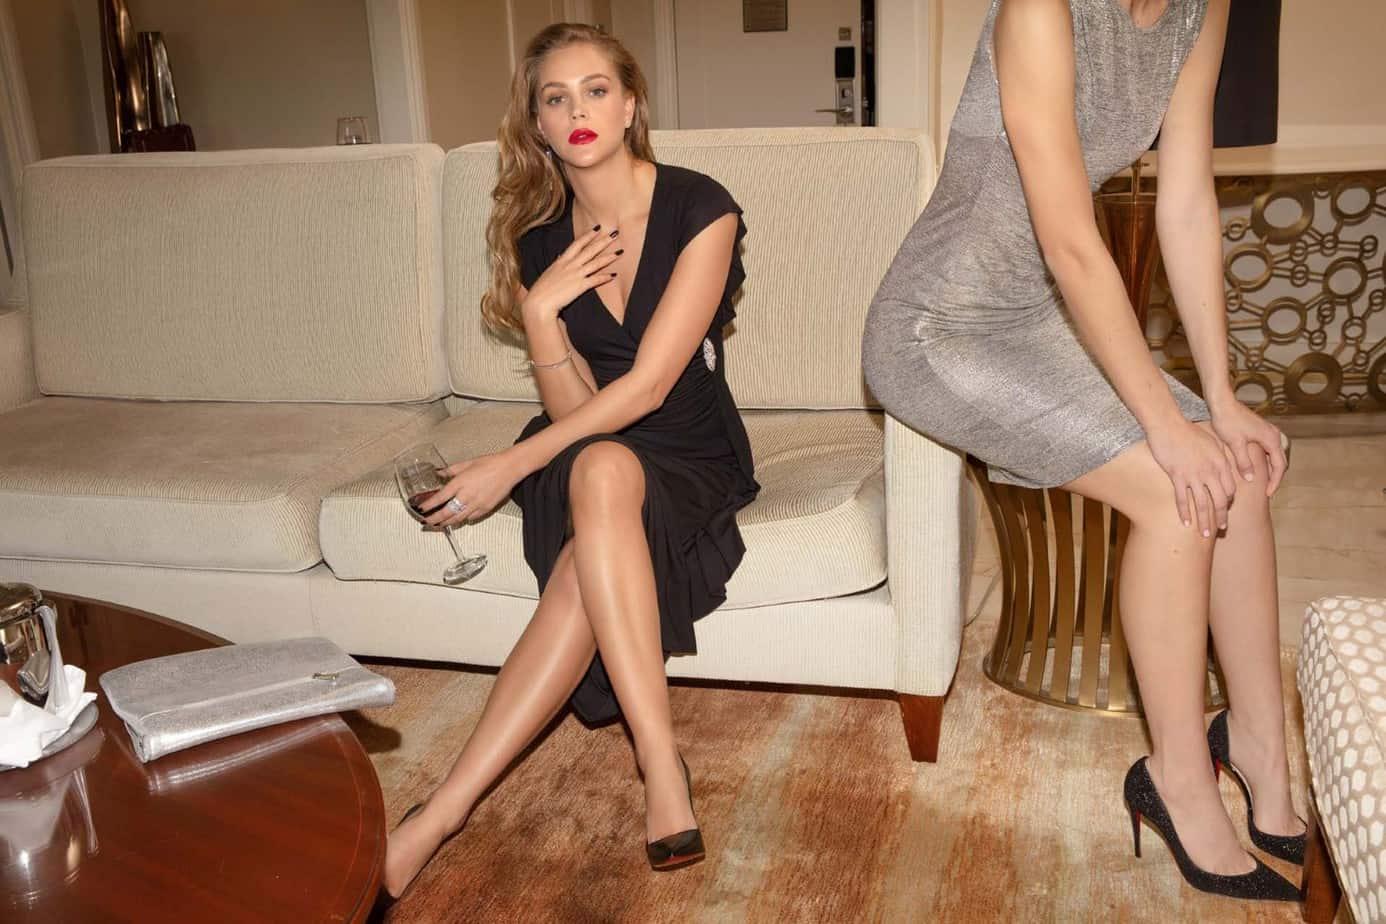 אסתי גינזבורג, גולברי שמלות 349.90 שח צילום יניב אדרי (Custom) (Custom)